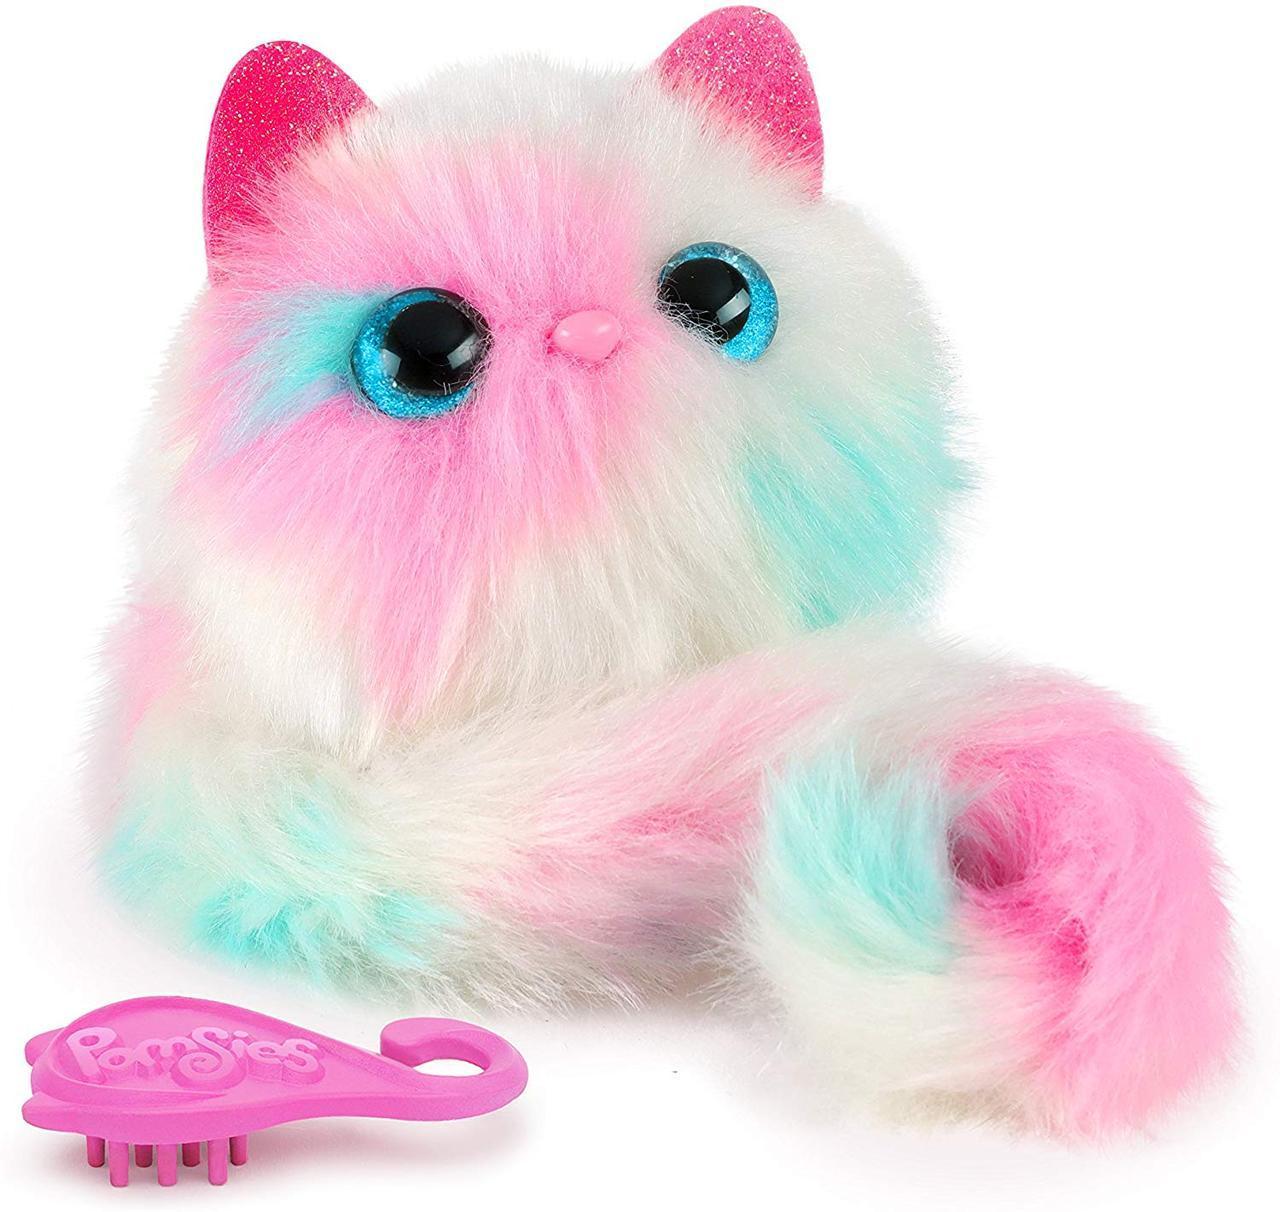 Интерактивная игрушка Помсис Патчес Pomsies Patches Plush Interactive 01951-Pa